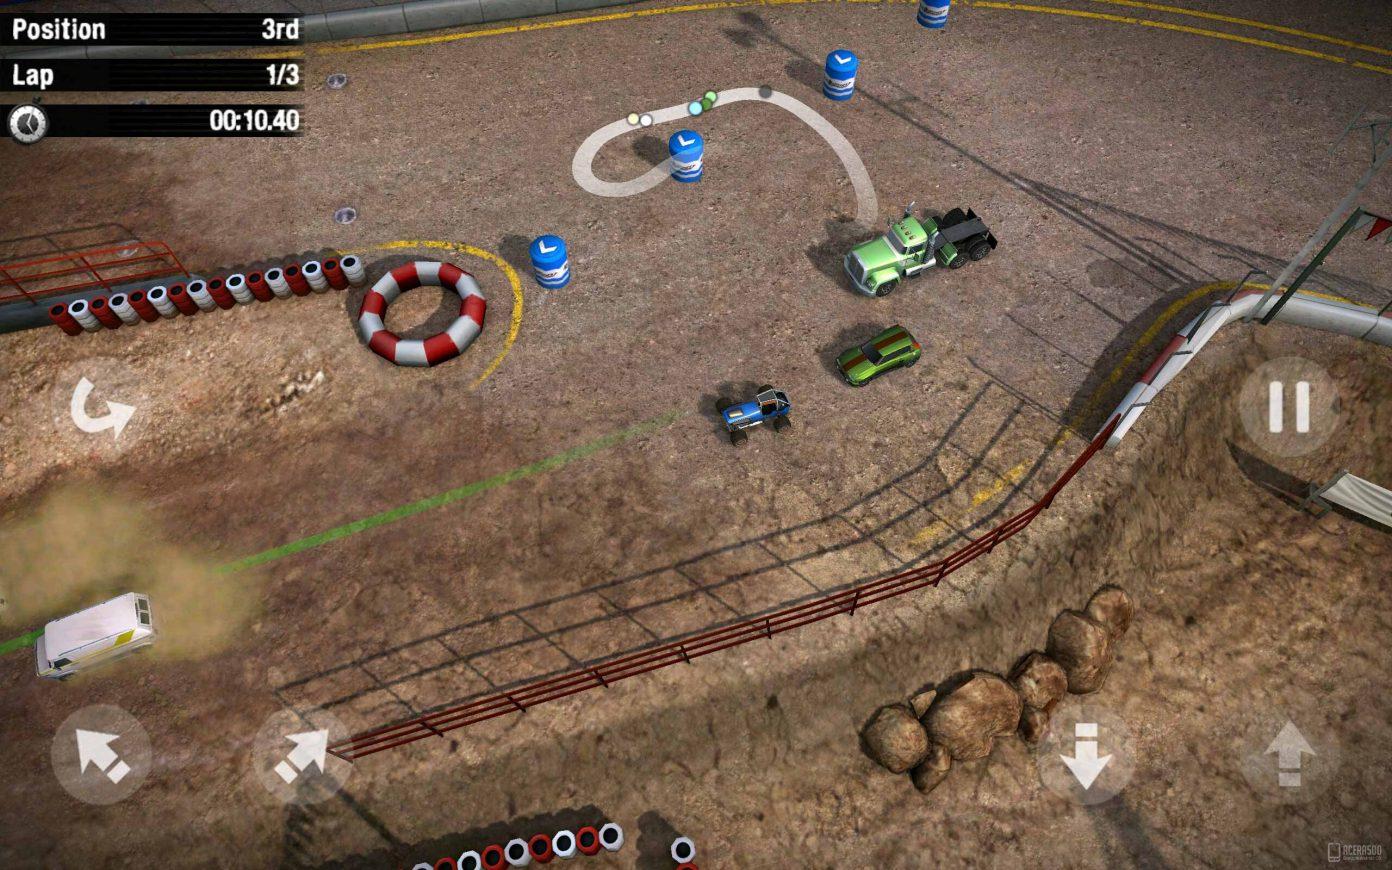 reckless racing 3 скачать на андроид бесплатно